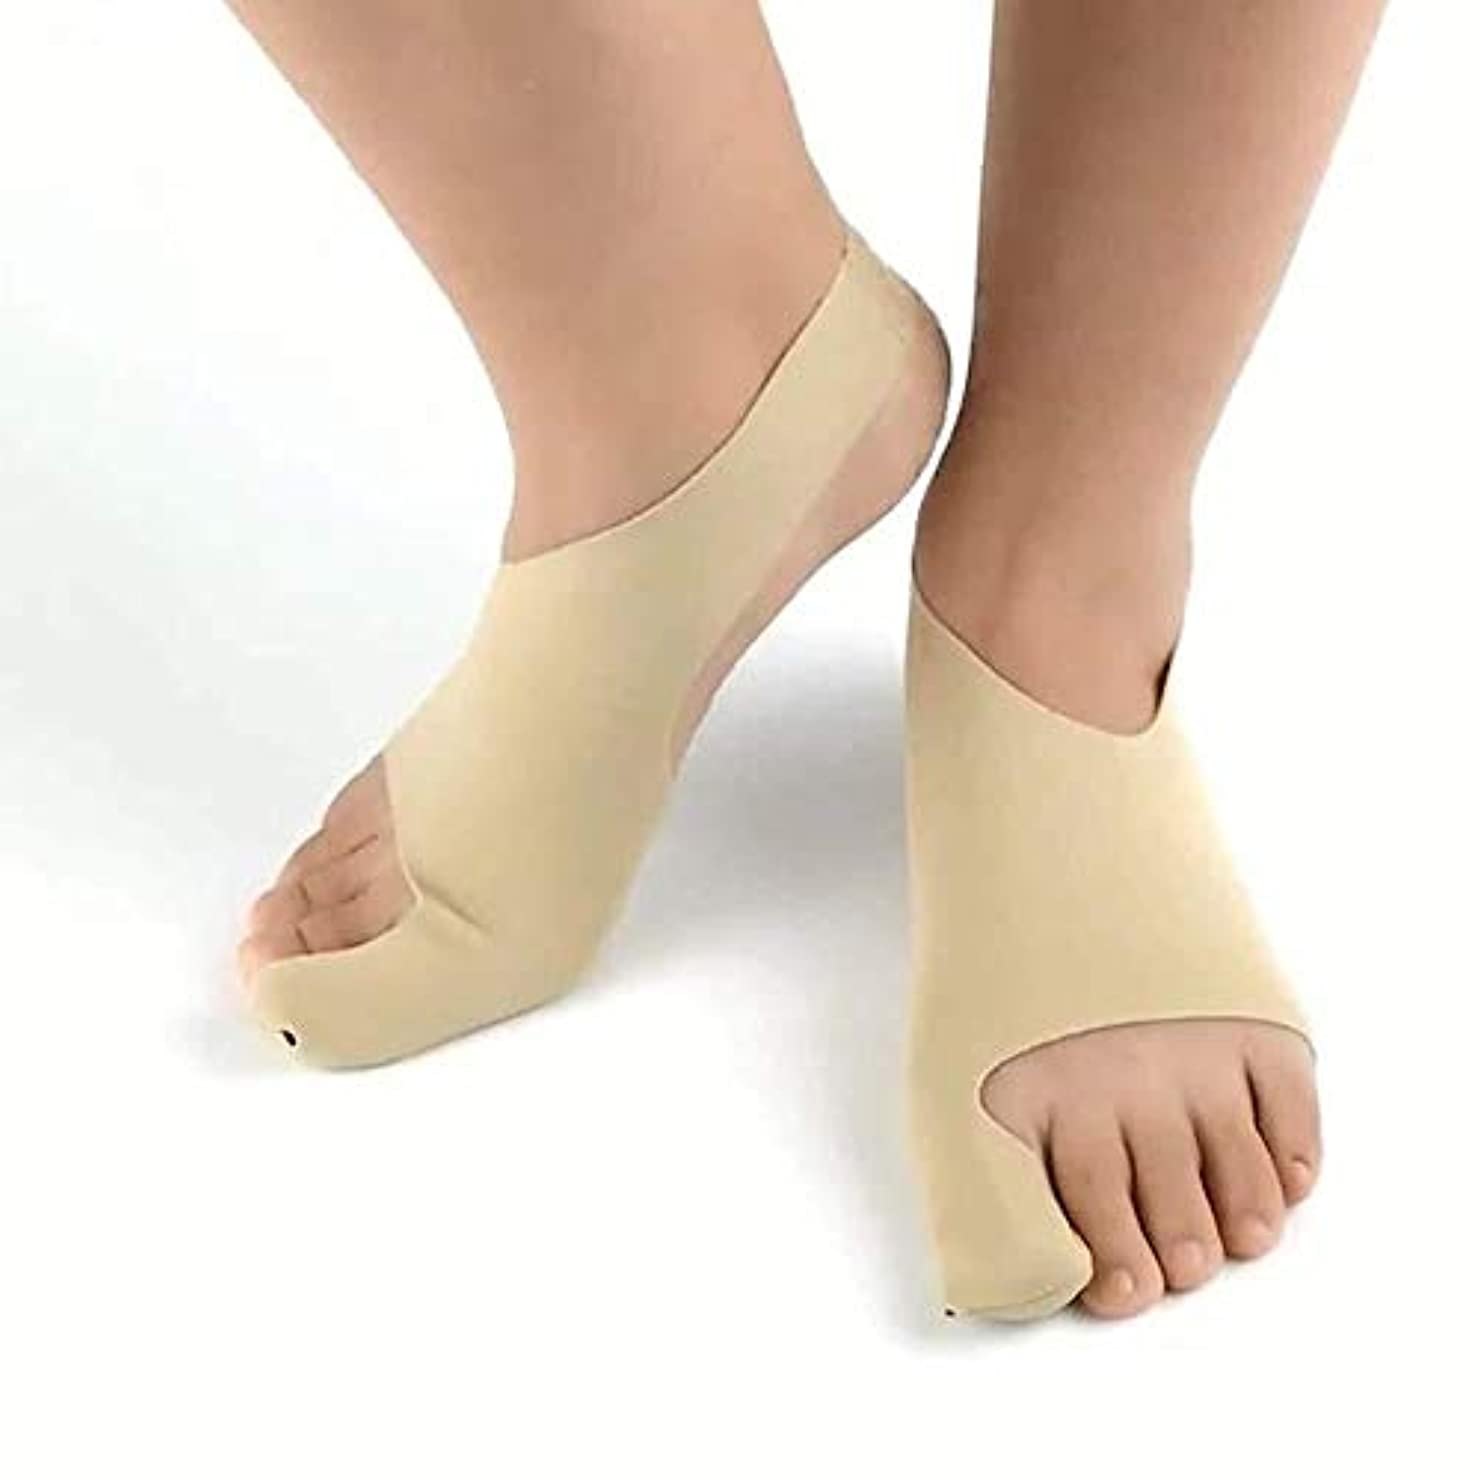 前に汗動物園外反母ortho装具、超薄型整形外科大足指外反母gusは、ランニング/スポーツの治療と足の痛みの緩和をサポートします,S